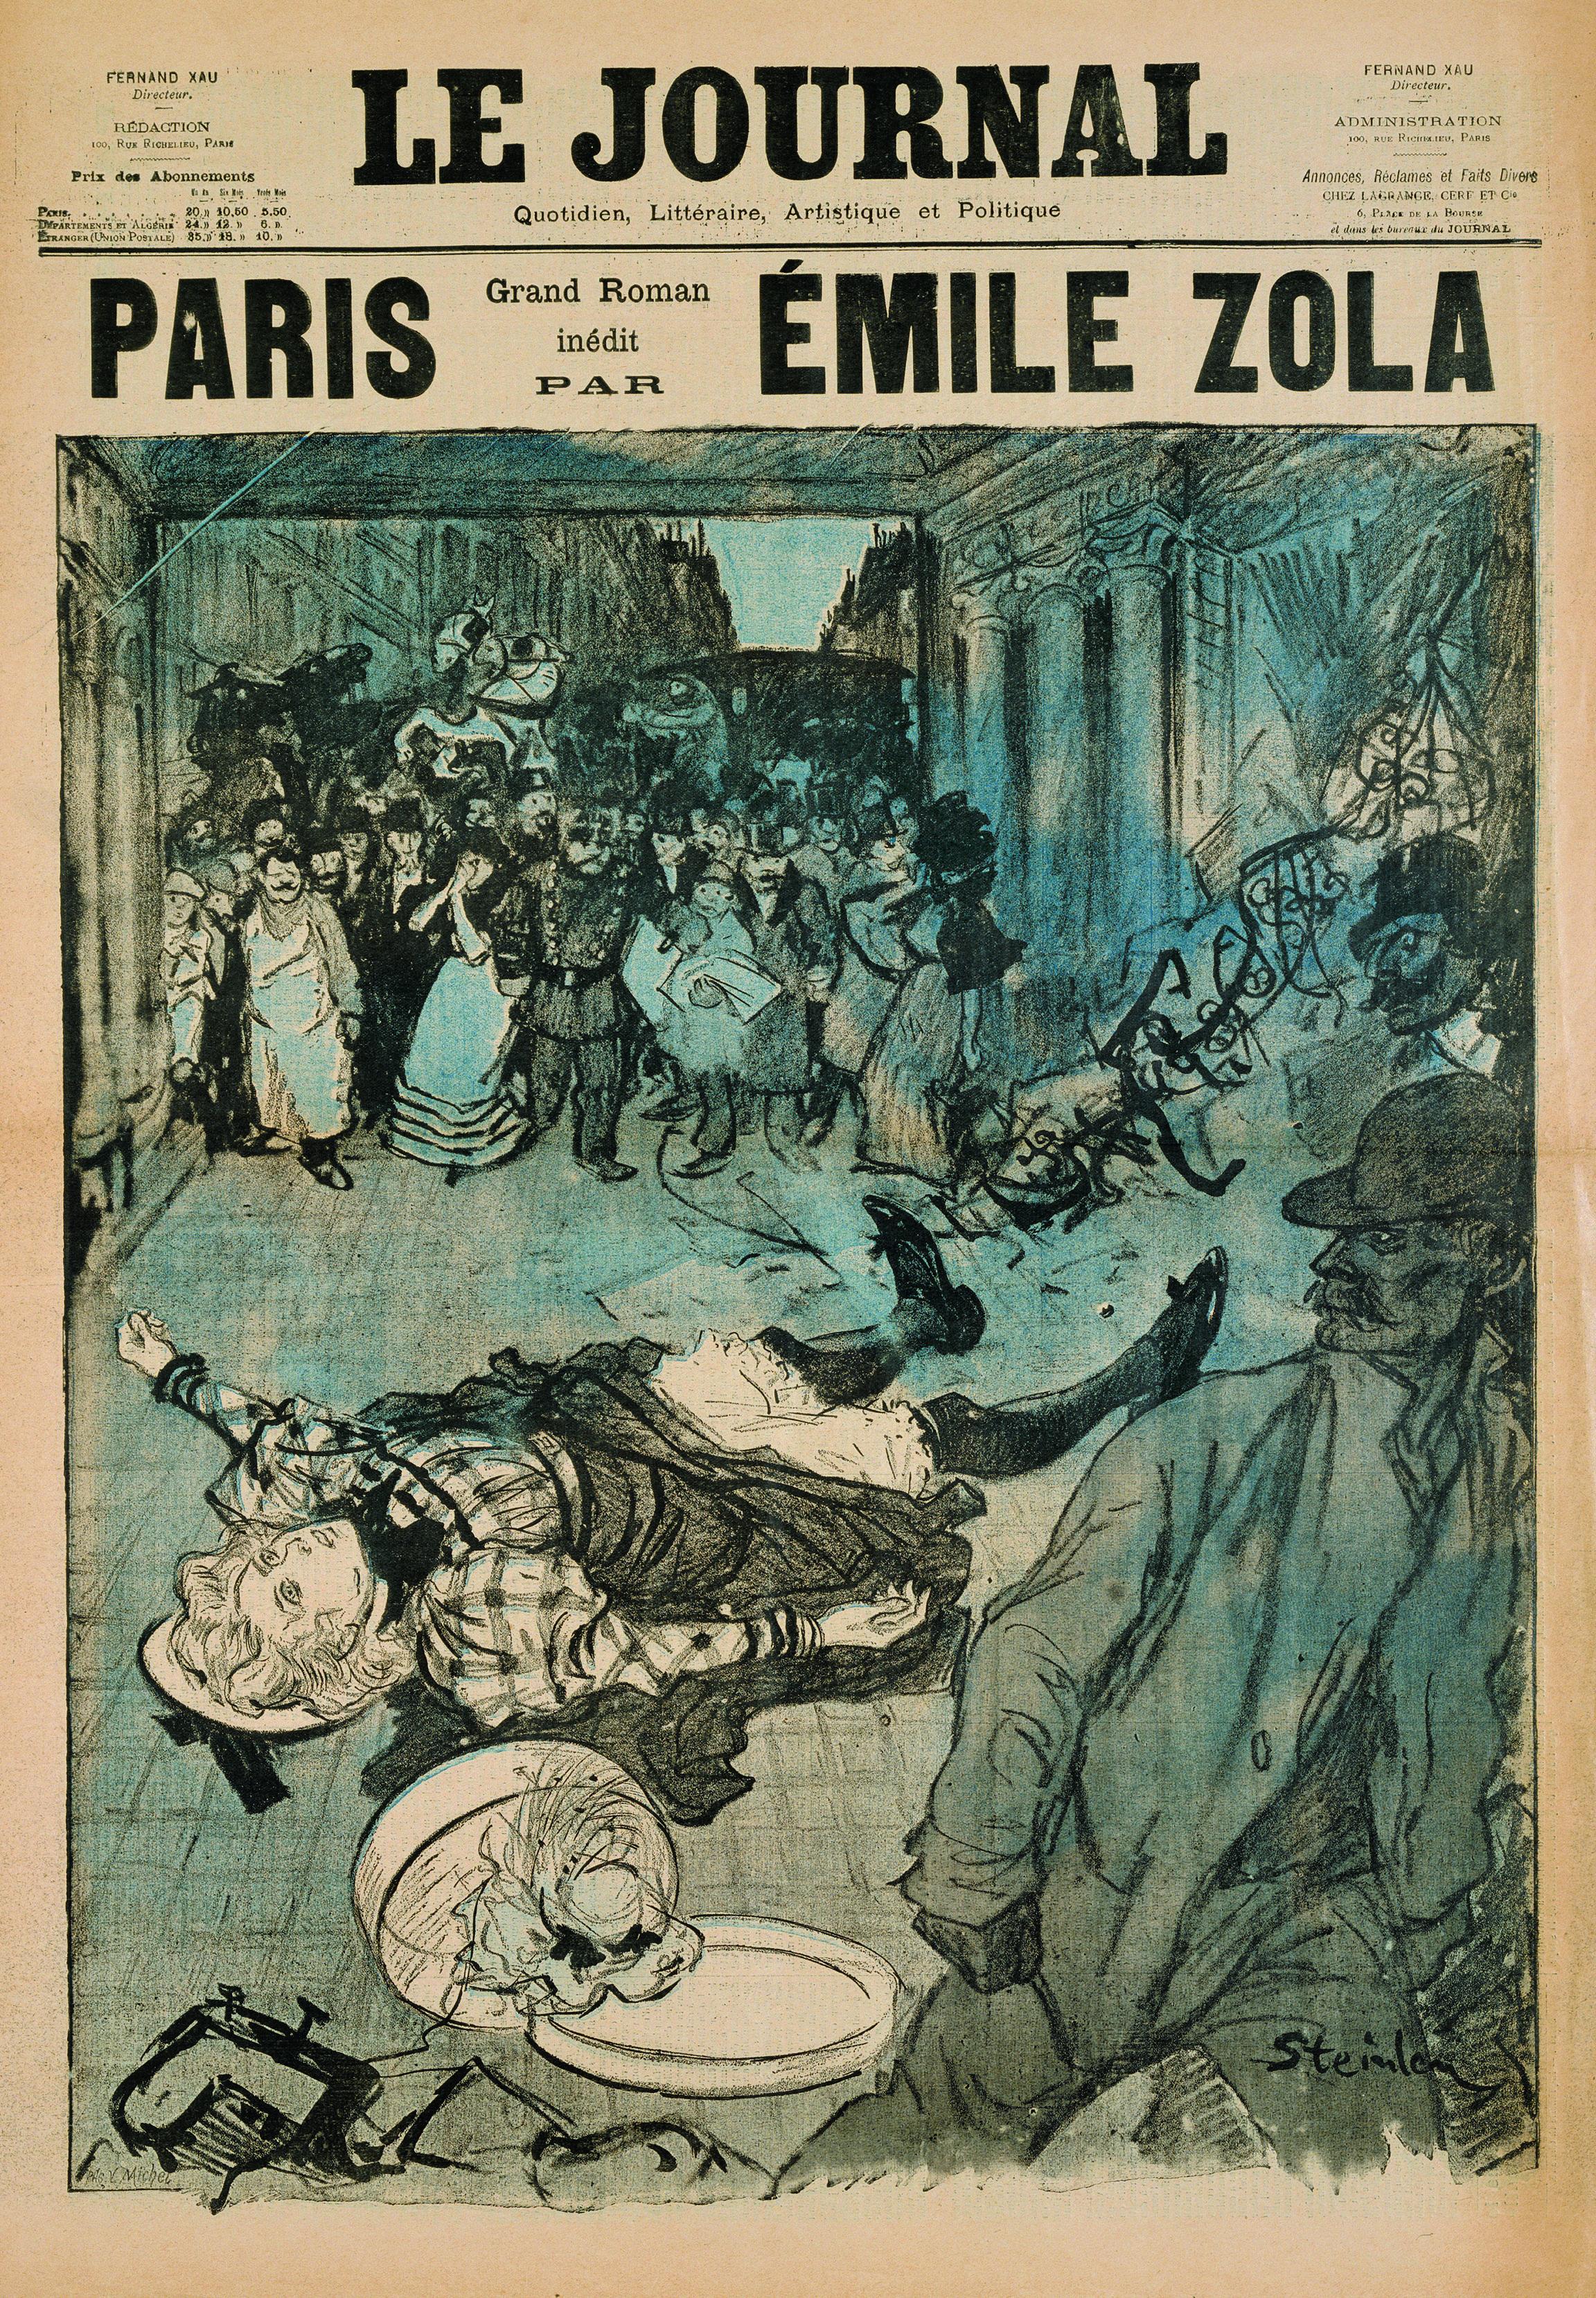 Théophile-Alexandre Steinlen, Paris. Grand roman inédit par Émile Zola. Supplément gratuit du « Journal », 1897